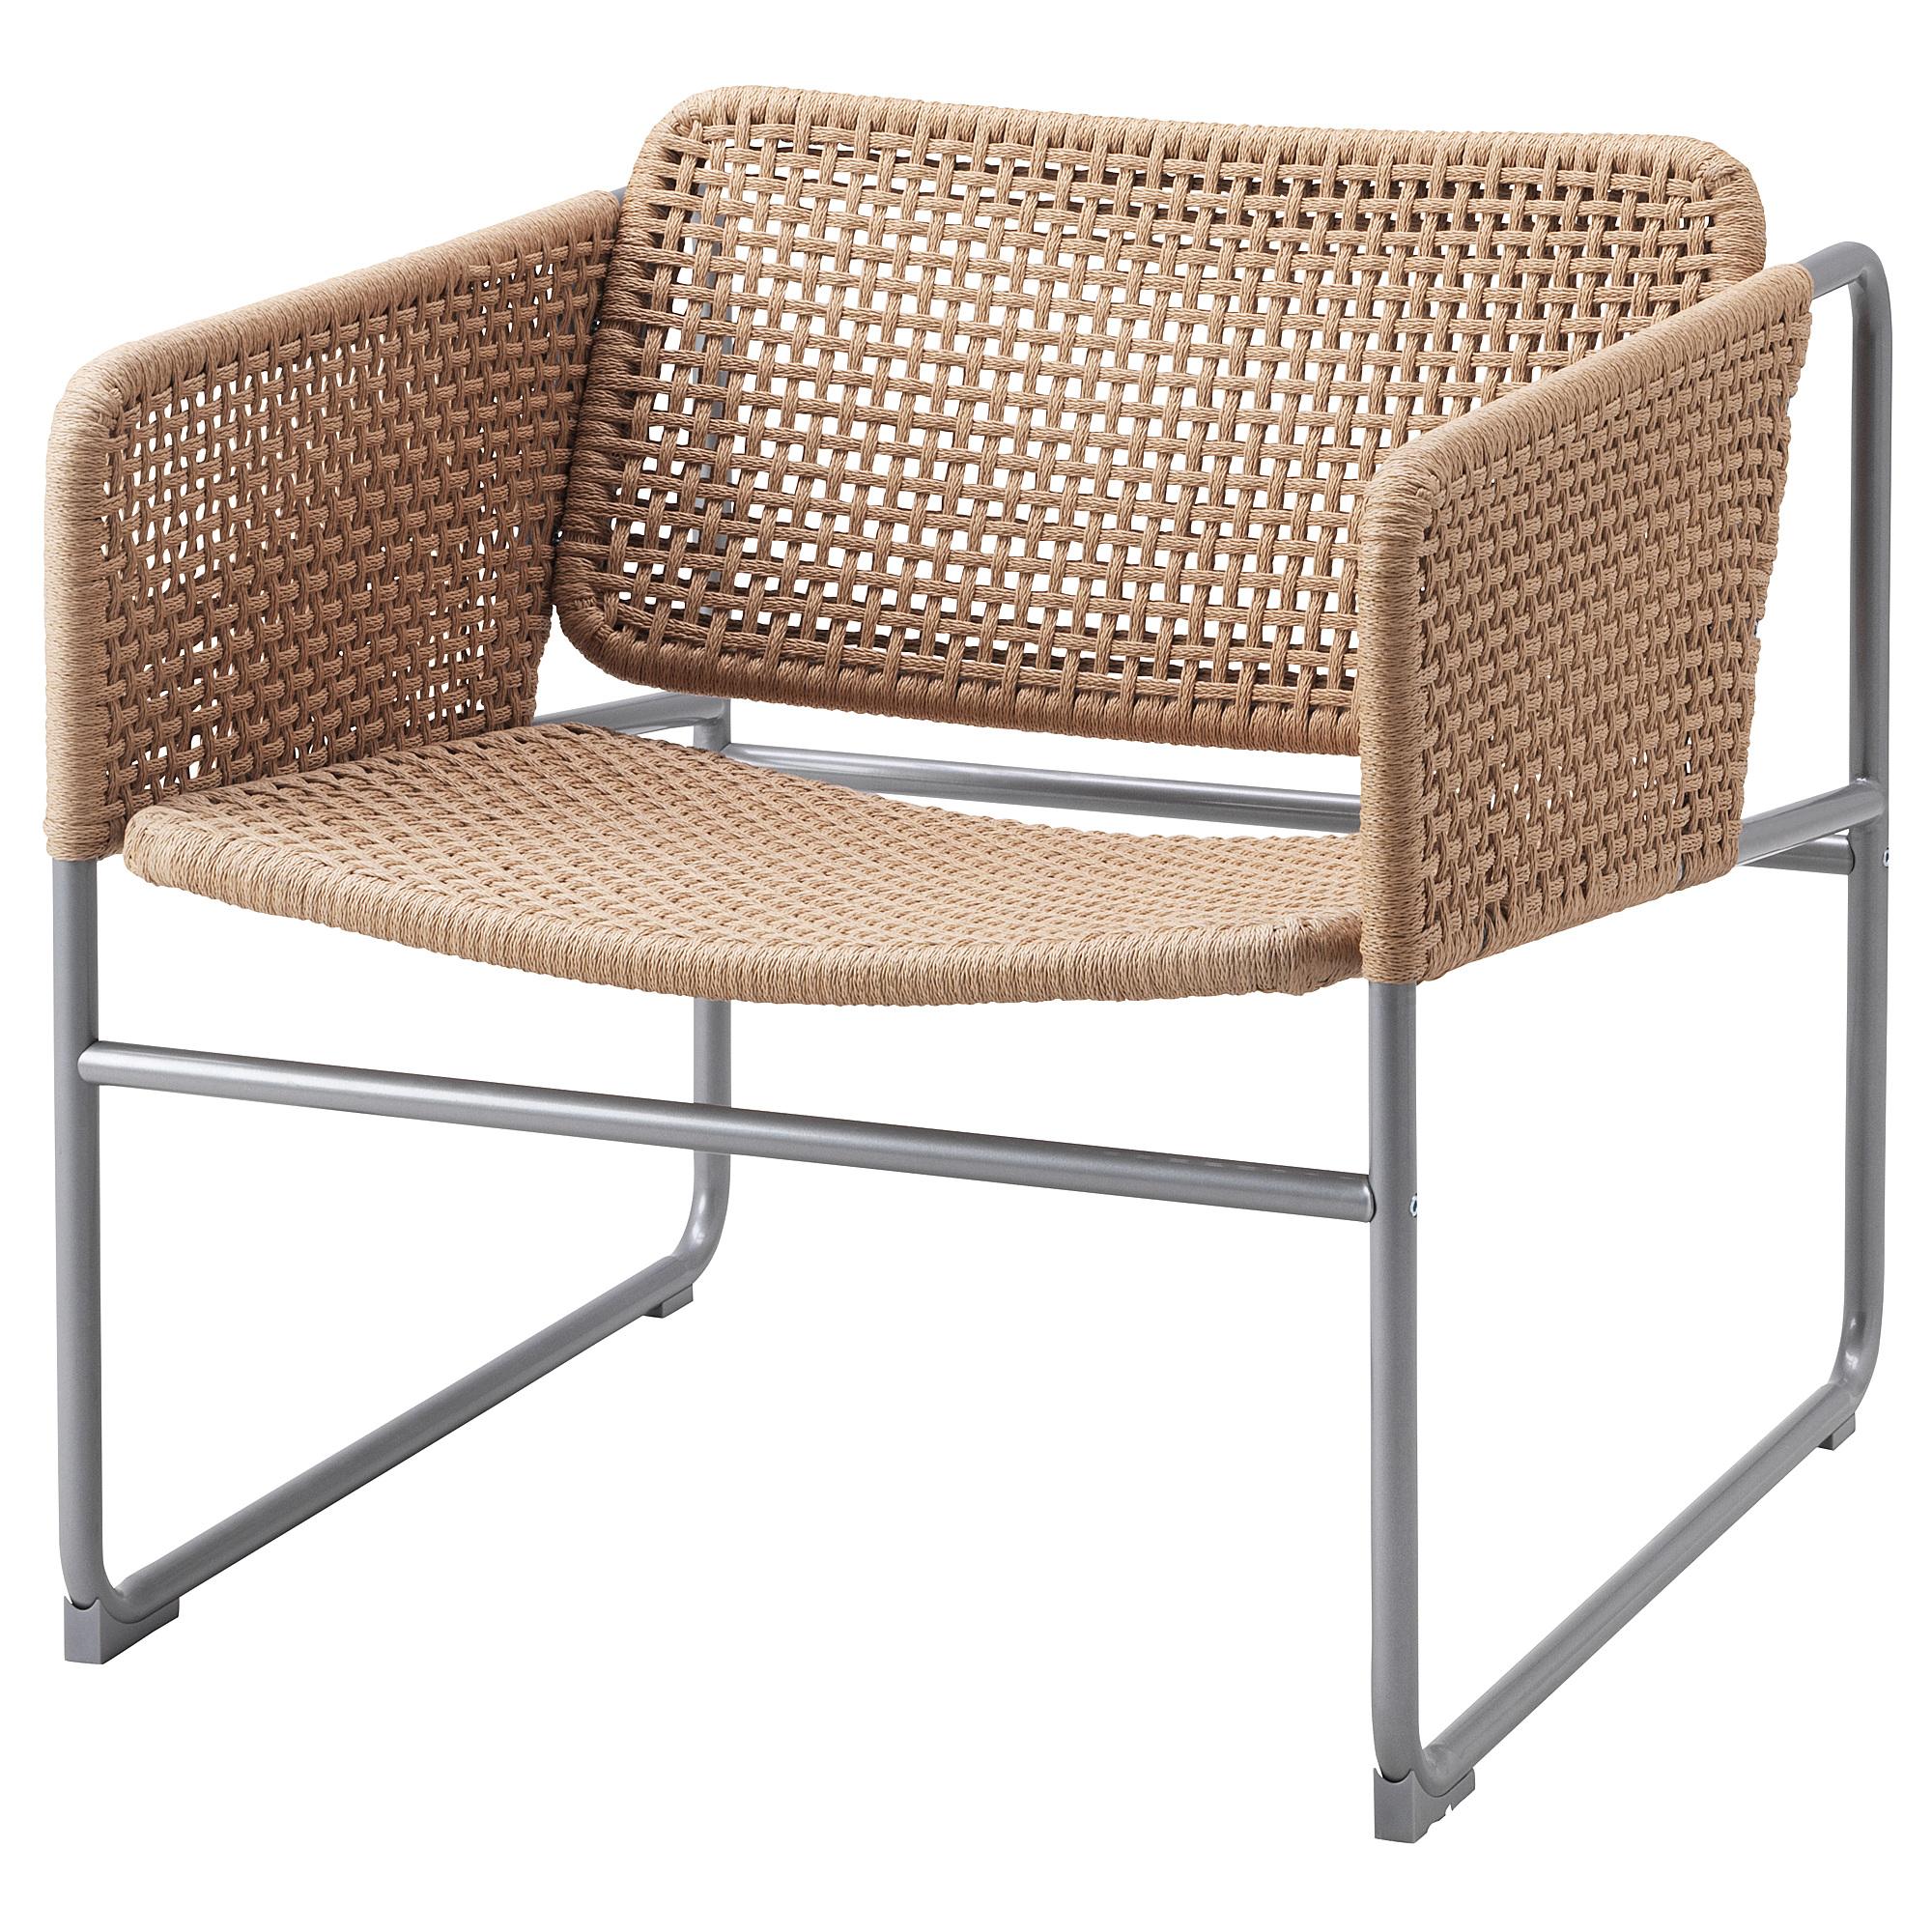 Кресло ИНДУСТРИЕЛЛ естественный артикуль № 203.926.48 в наличии. Онлайн сайт IKEA Беларусь. Недорогая доставка и установка.